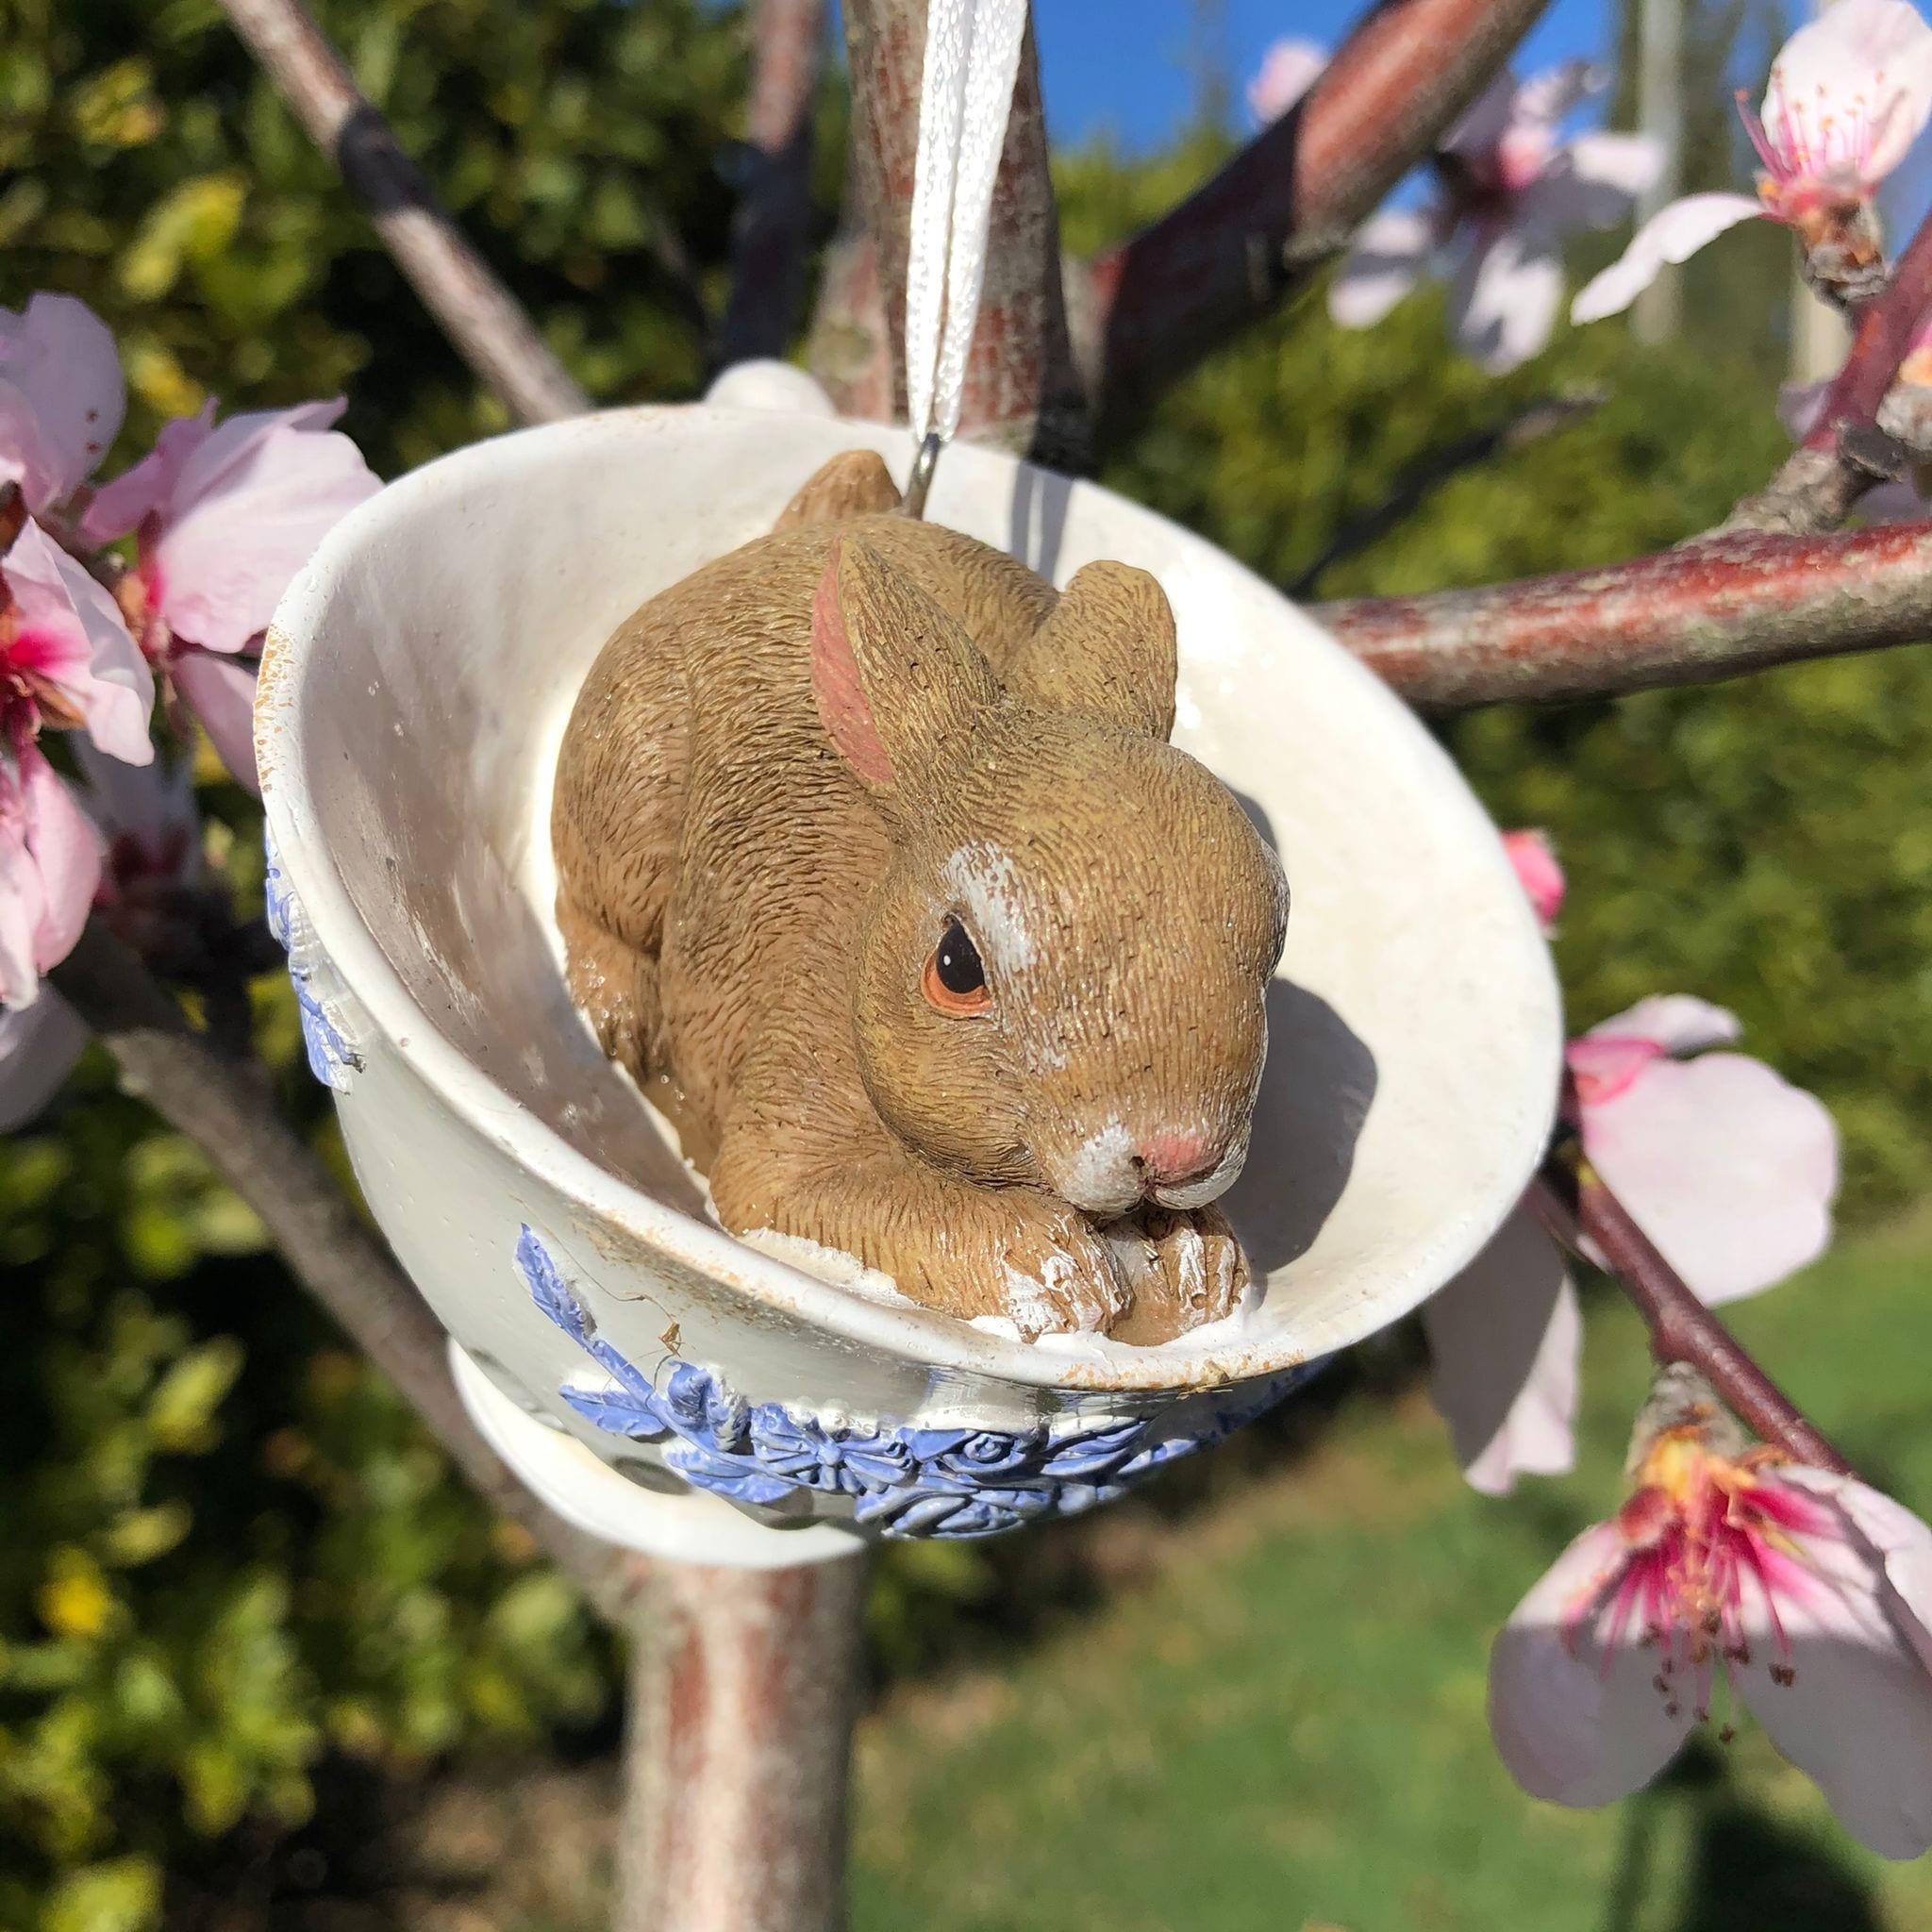 Decorazione con coniglio a cuccia in una tazza